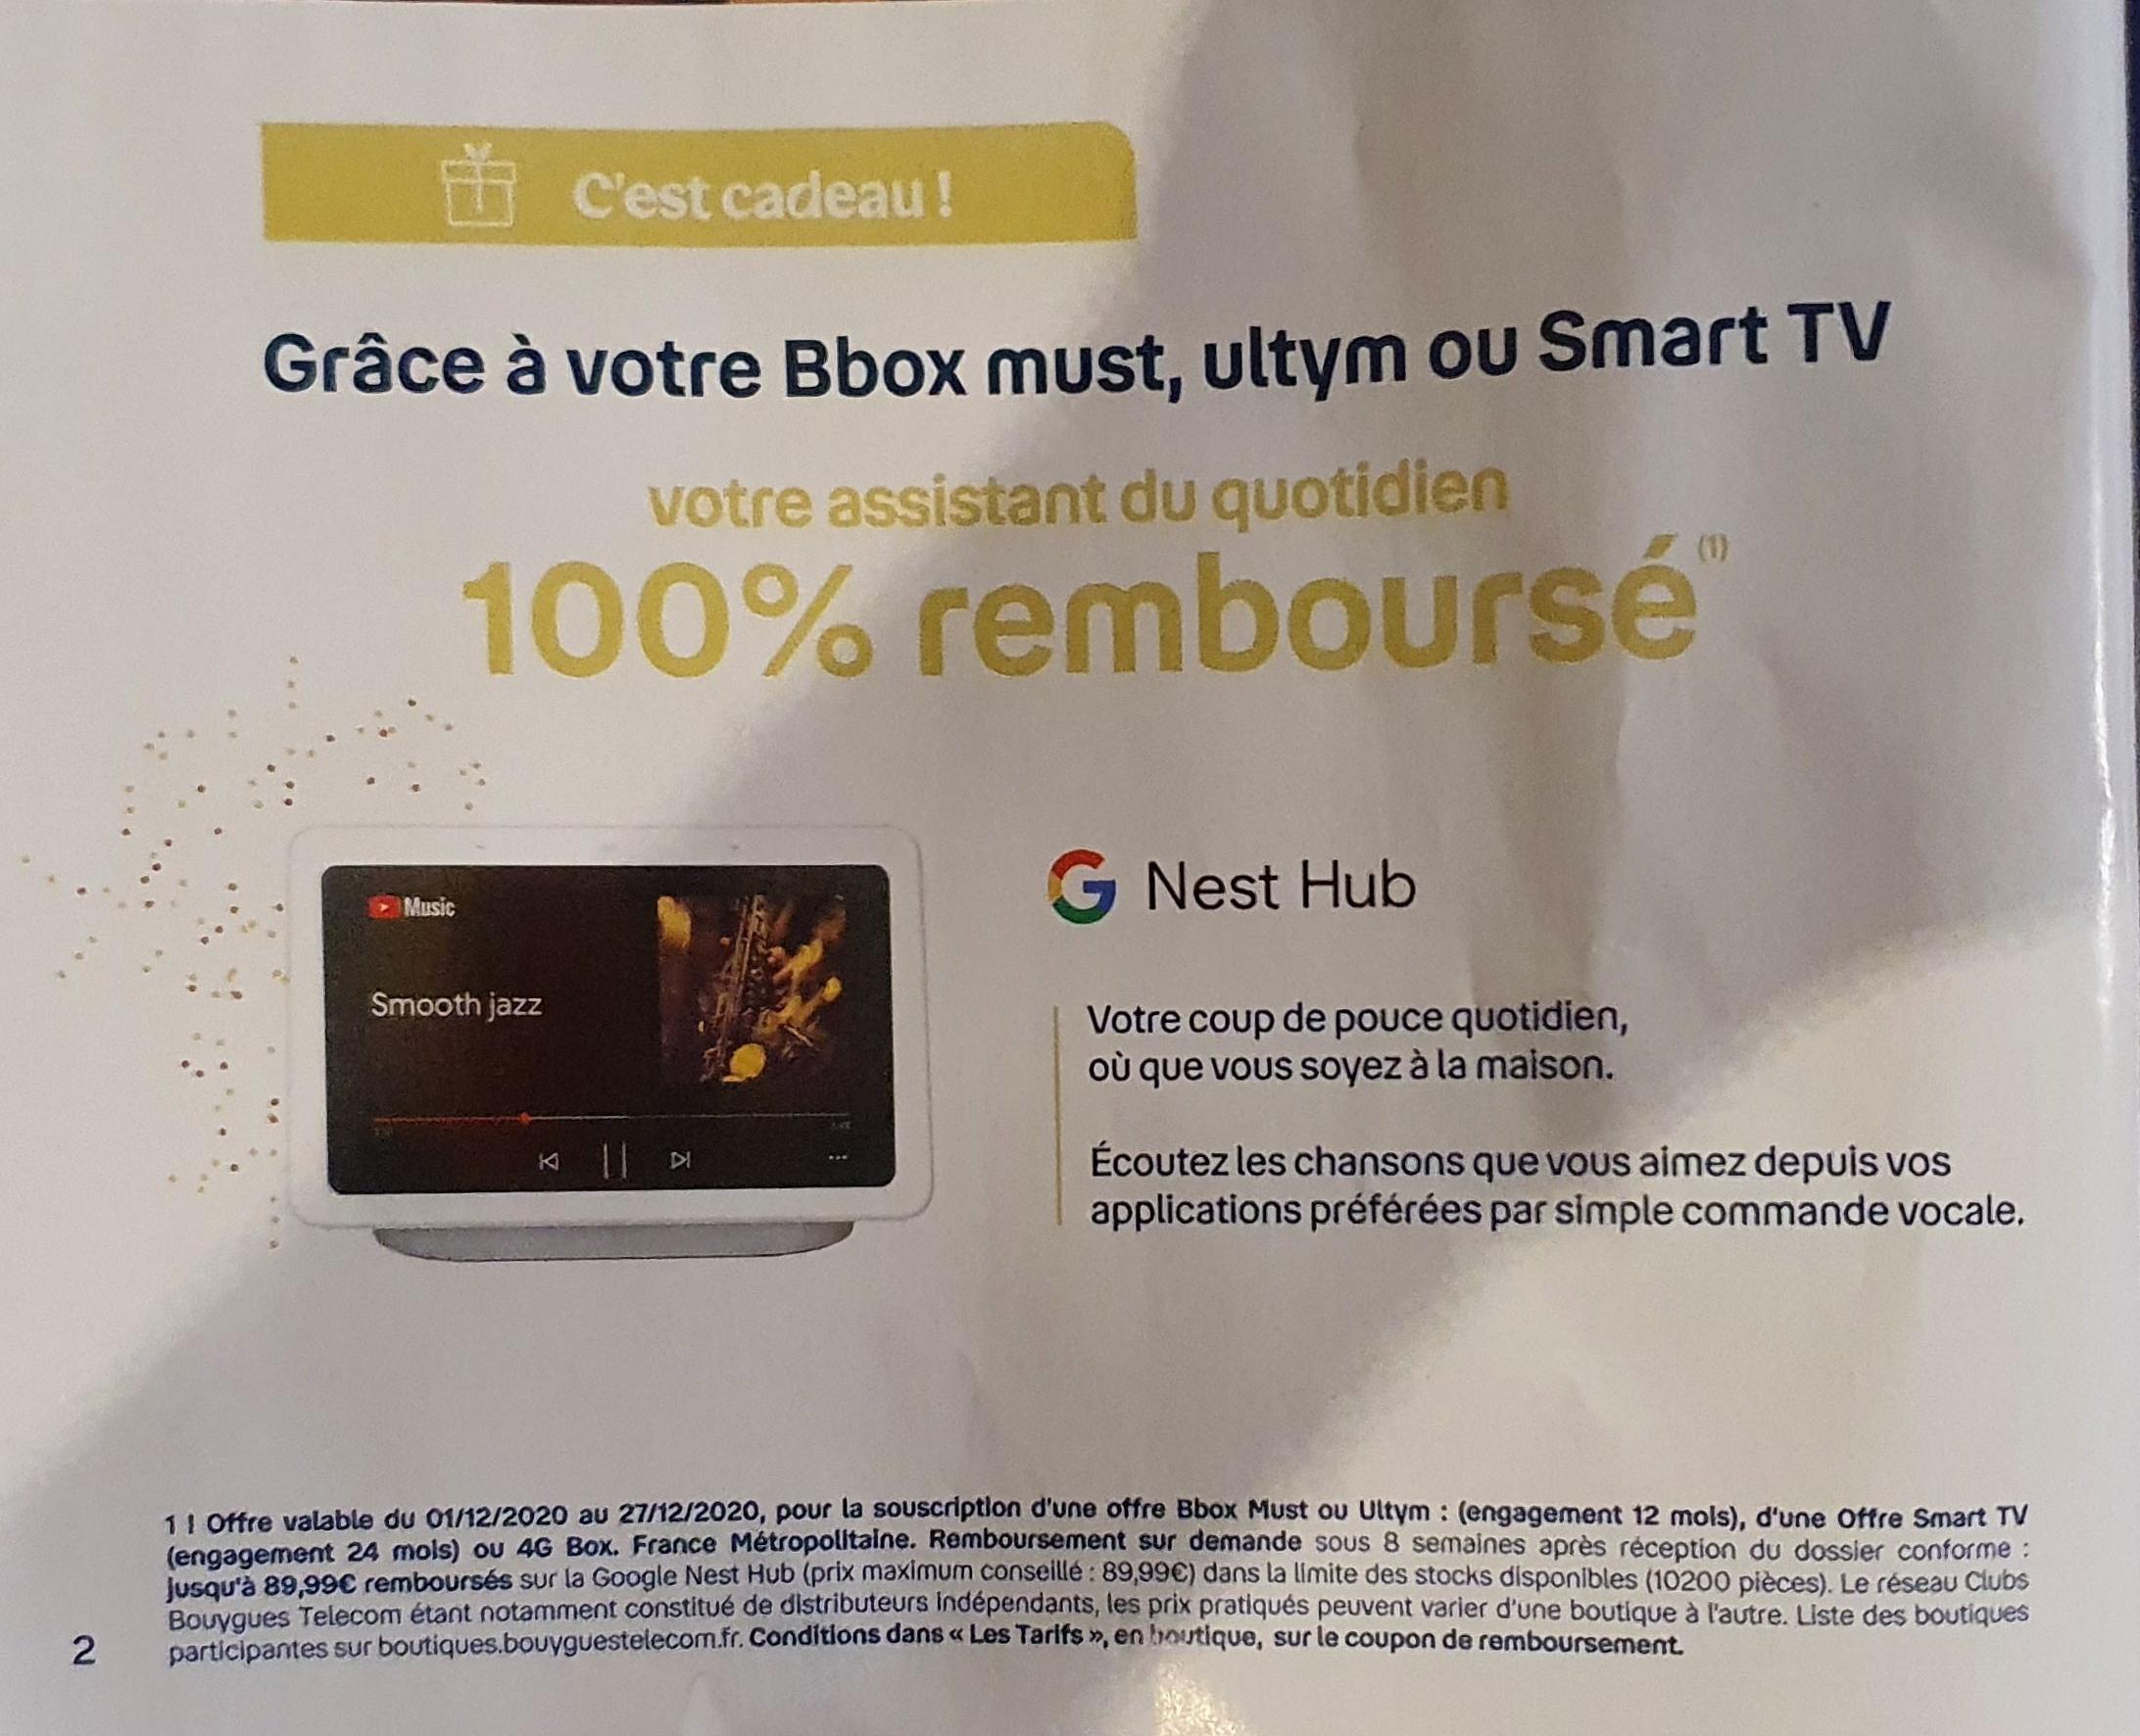 Google Nest Hub 100% remboursé pour toutes souscription à une offres Box parmi une sélection pendant 12 Mois (Engagement 12 Mois - Via ODR)